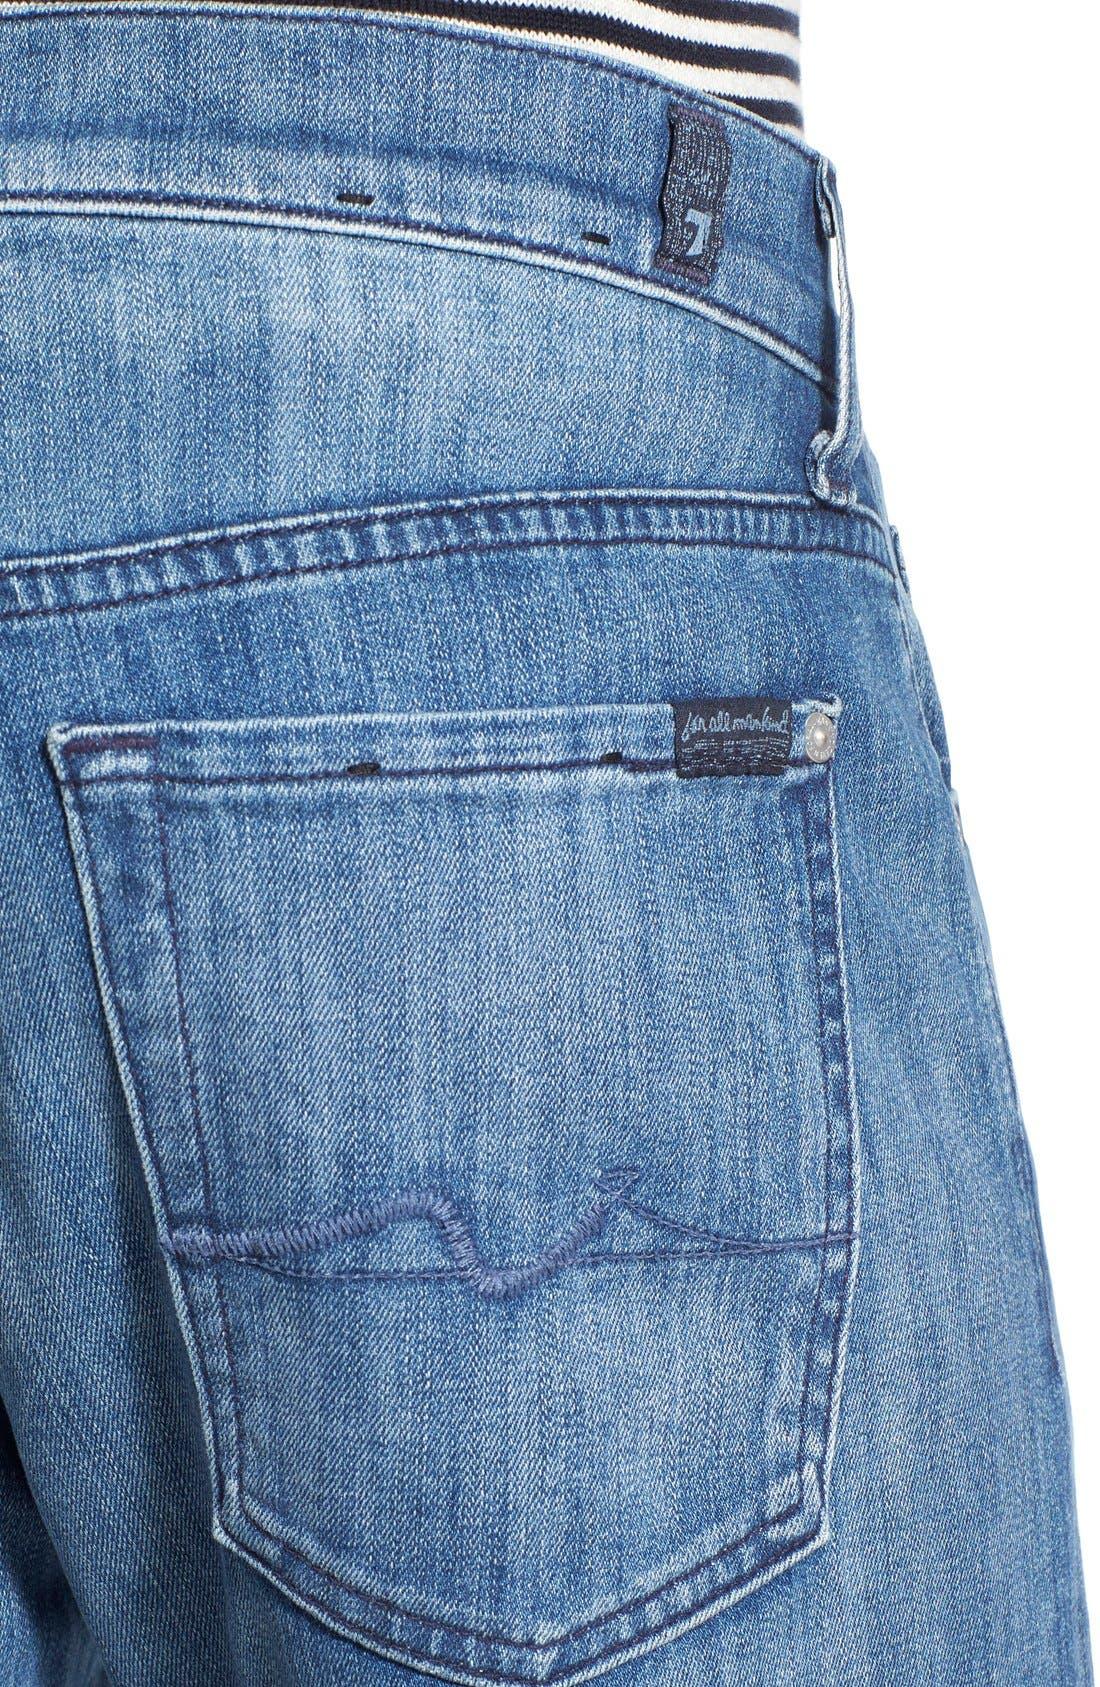 Alternate Image 4  - 7 For All Mankind® Austyn Relaxed Straight Leg Jeans (Nakkitta Blue)